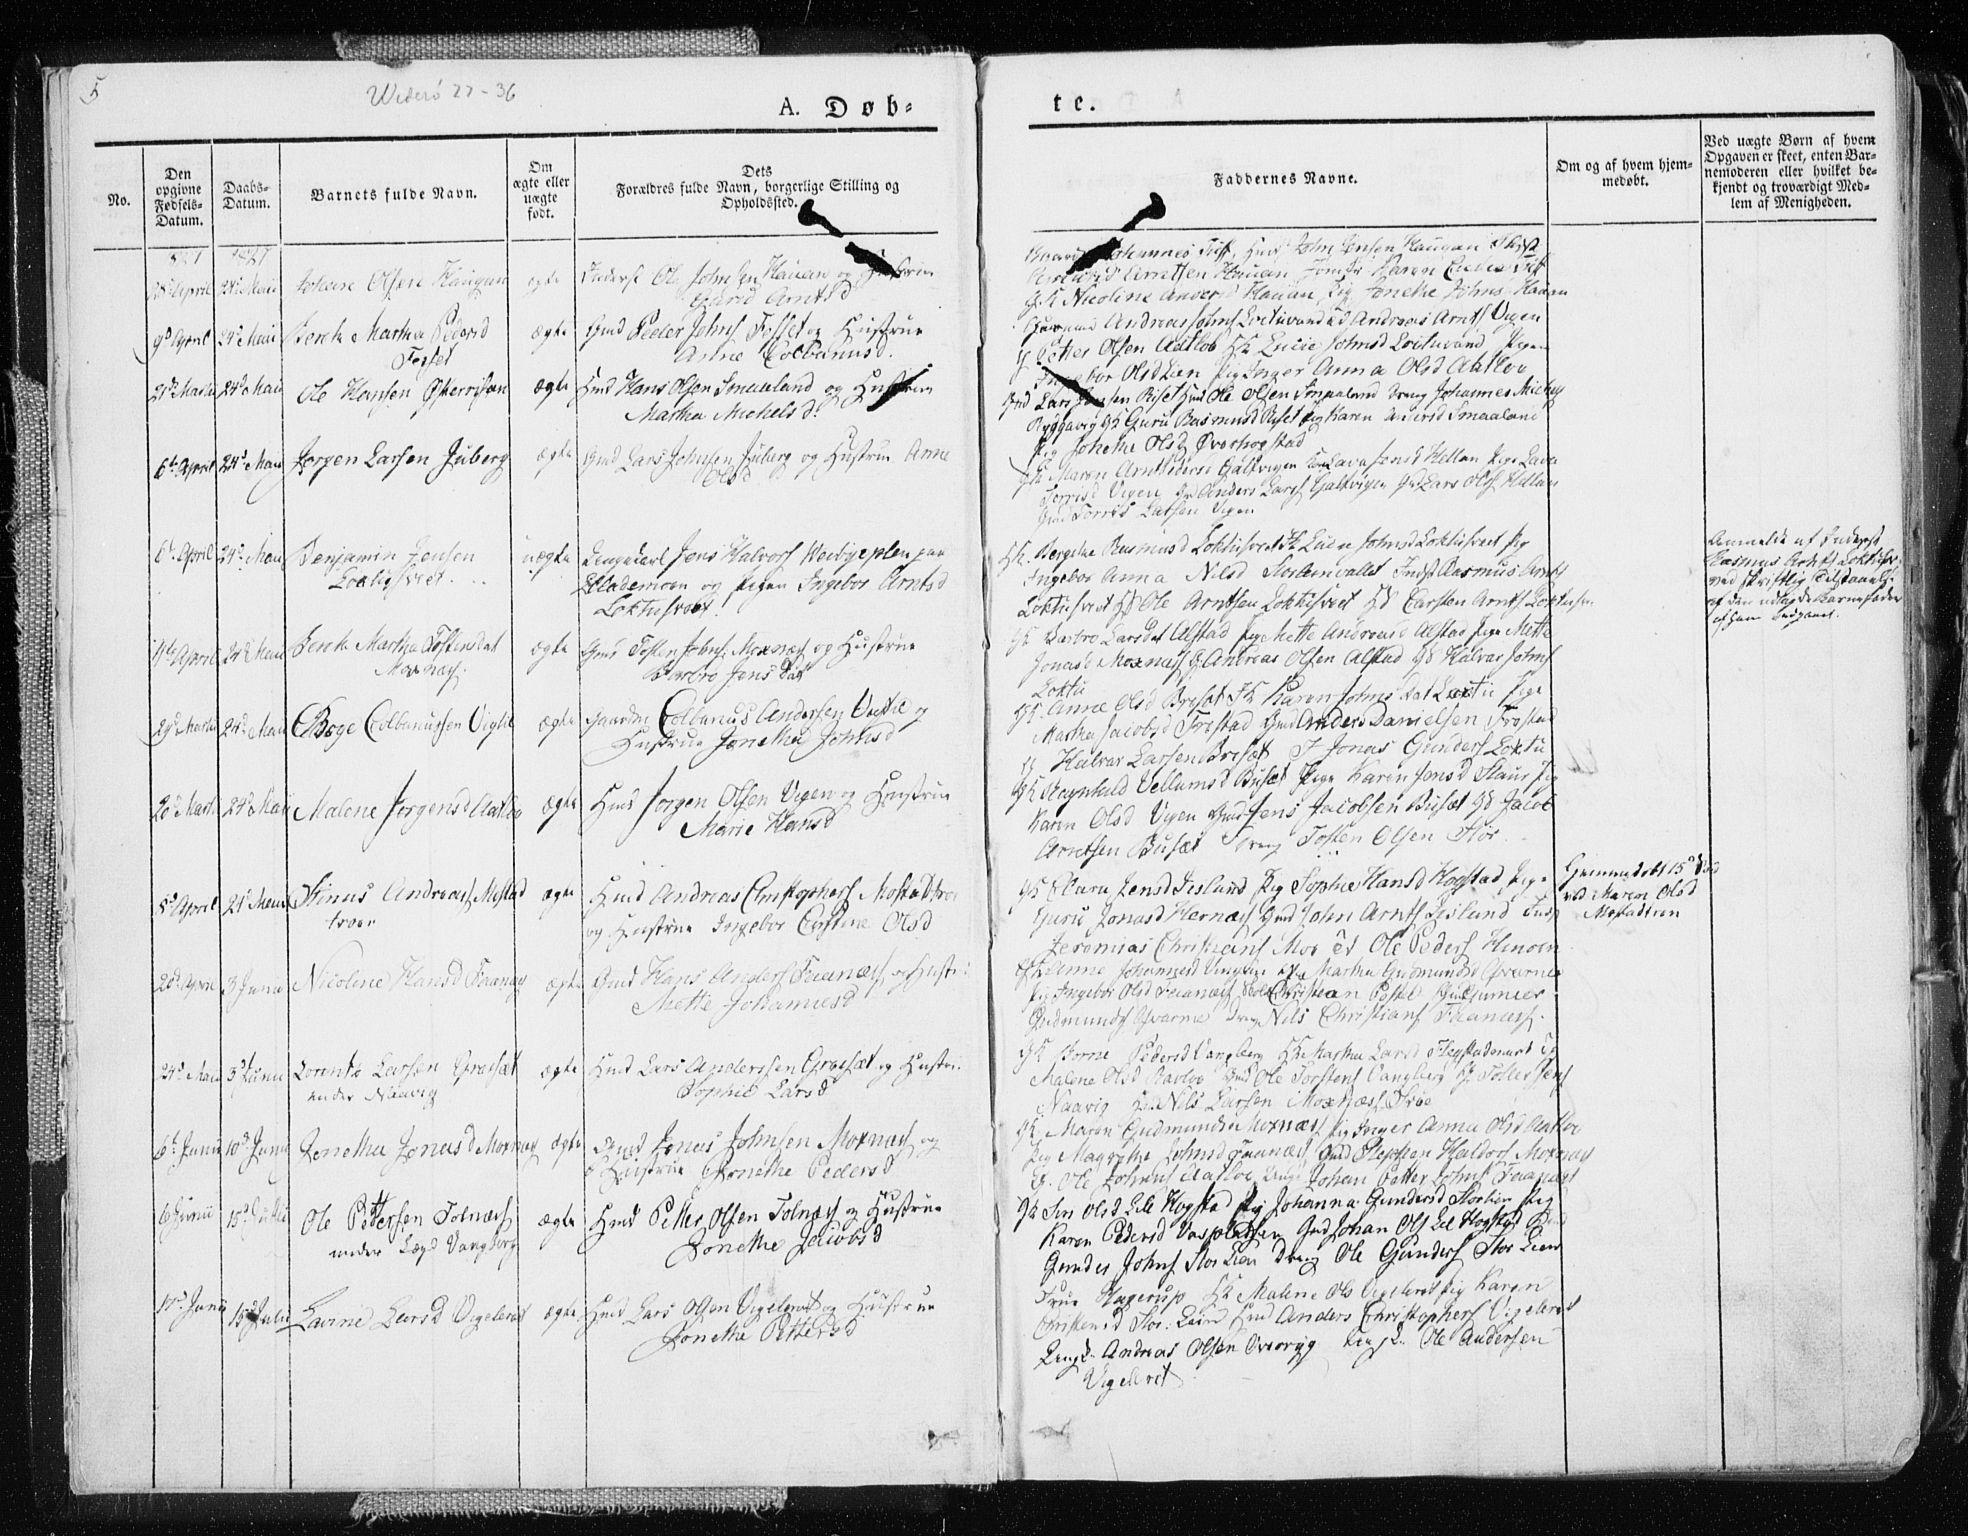 SAT, Ministerialprotokoller, klokkerbøker og fødselsregistre - Nord-Trøndelag, 713/L0114: Ministerialbok nr. 713A05, 1827-1839, s. 5